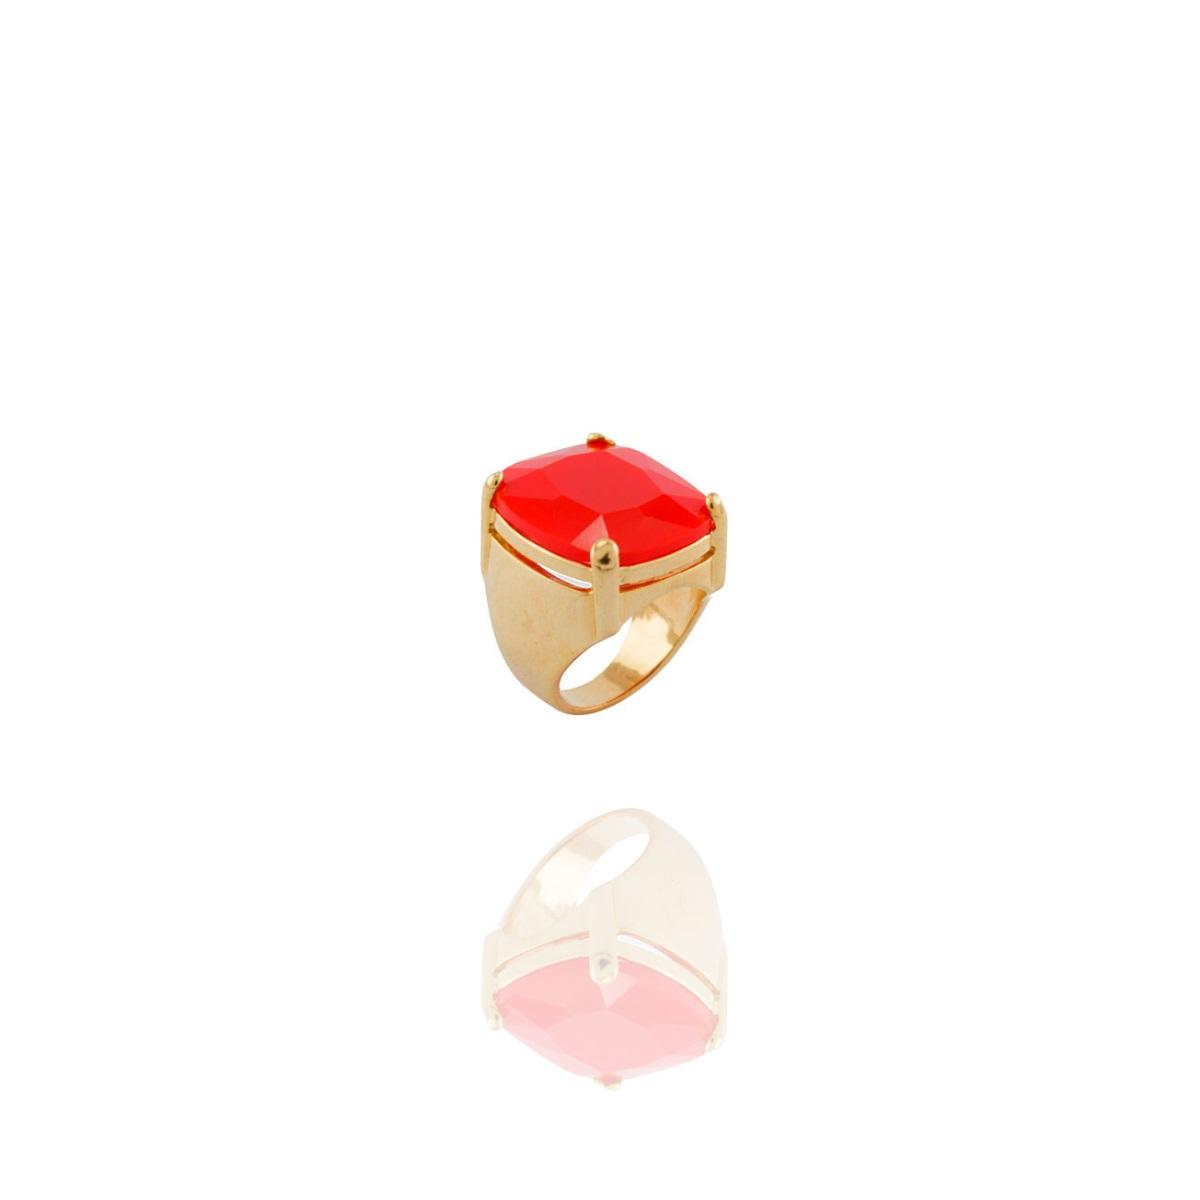 Anel Barbara Strauss Rabat Quartzo Vermelho Banho Dourado